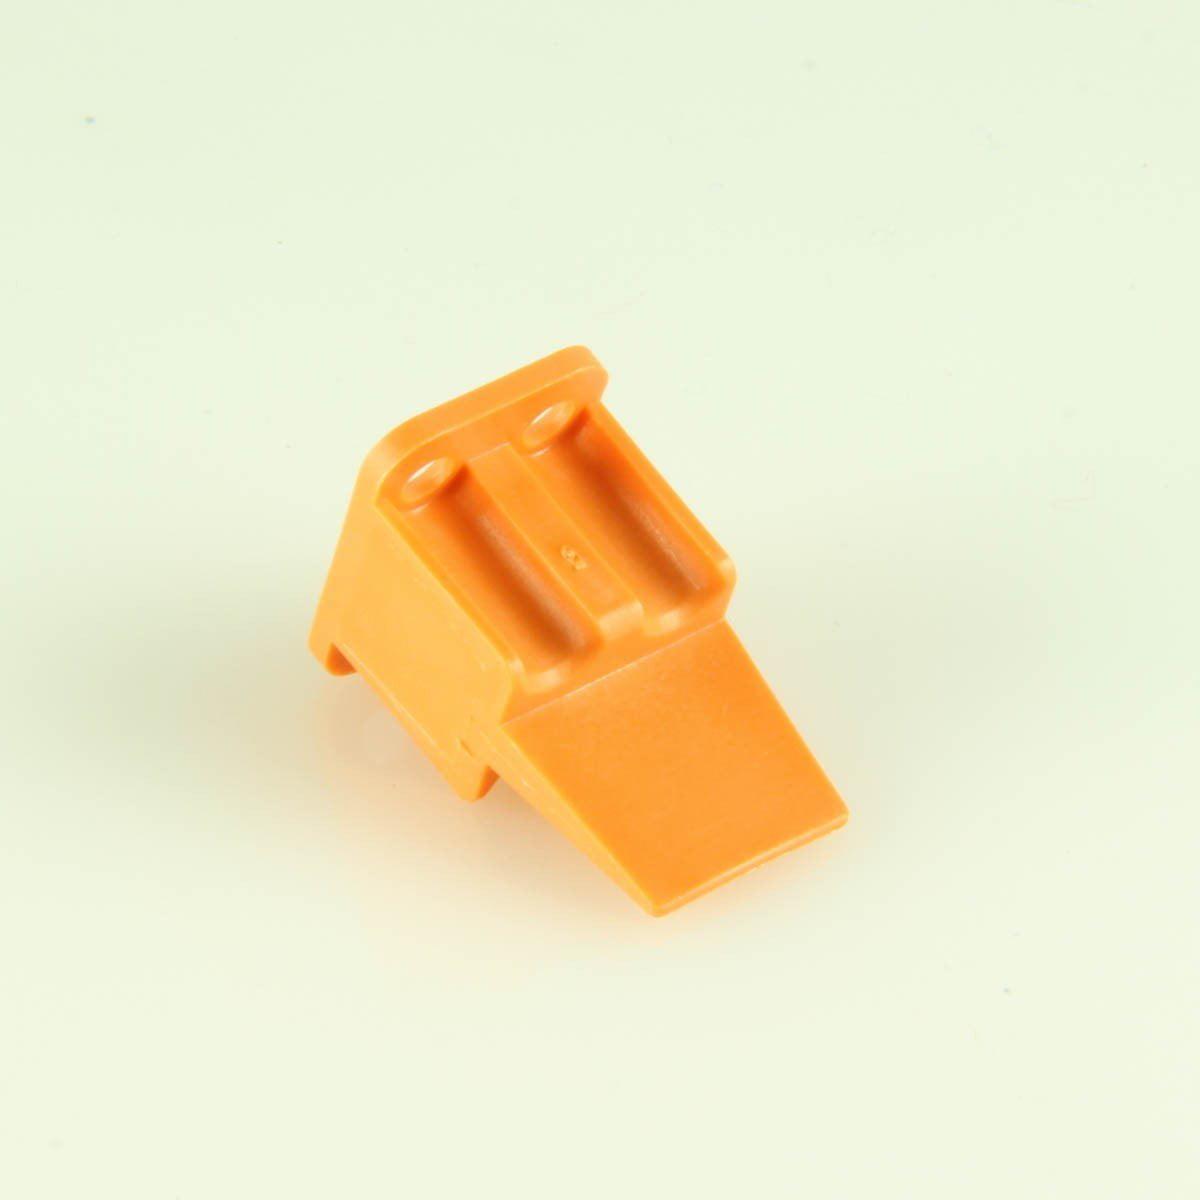 4-Way Socket Wedgelocks, DTP Series #WP-4S - (Pack of 10)